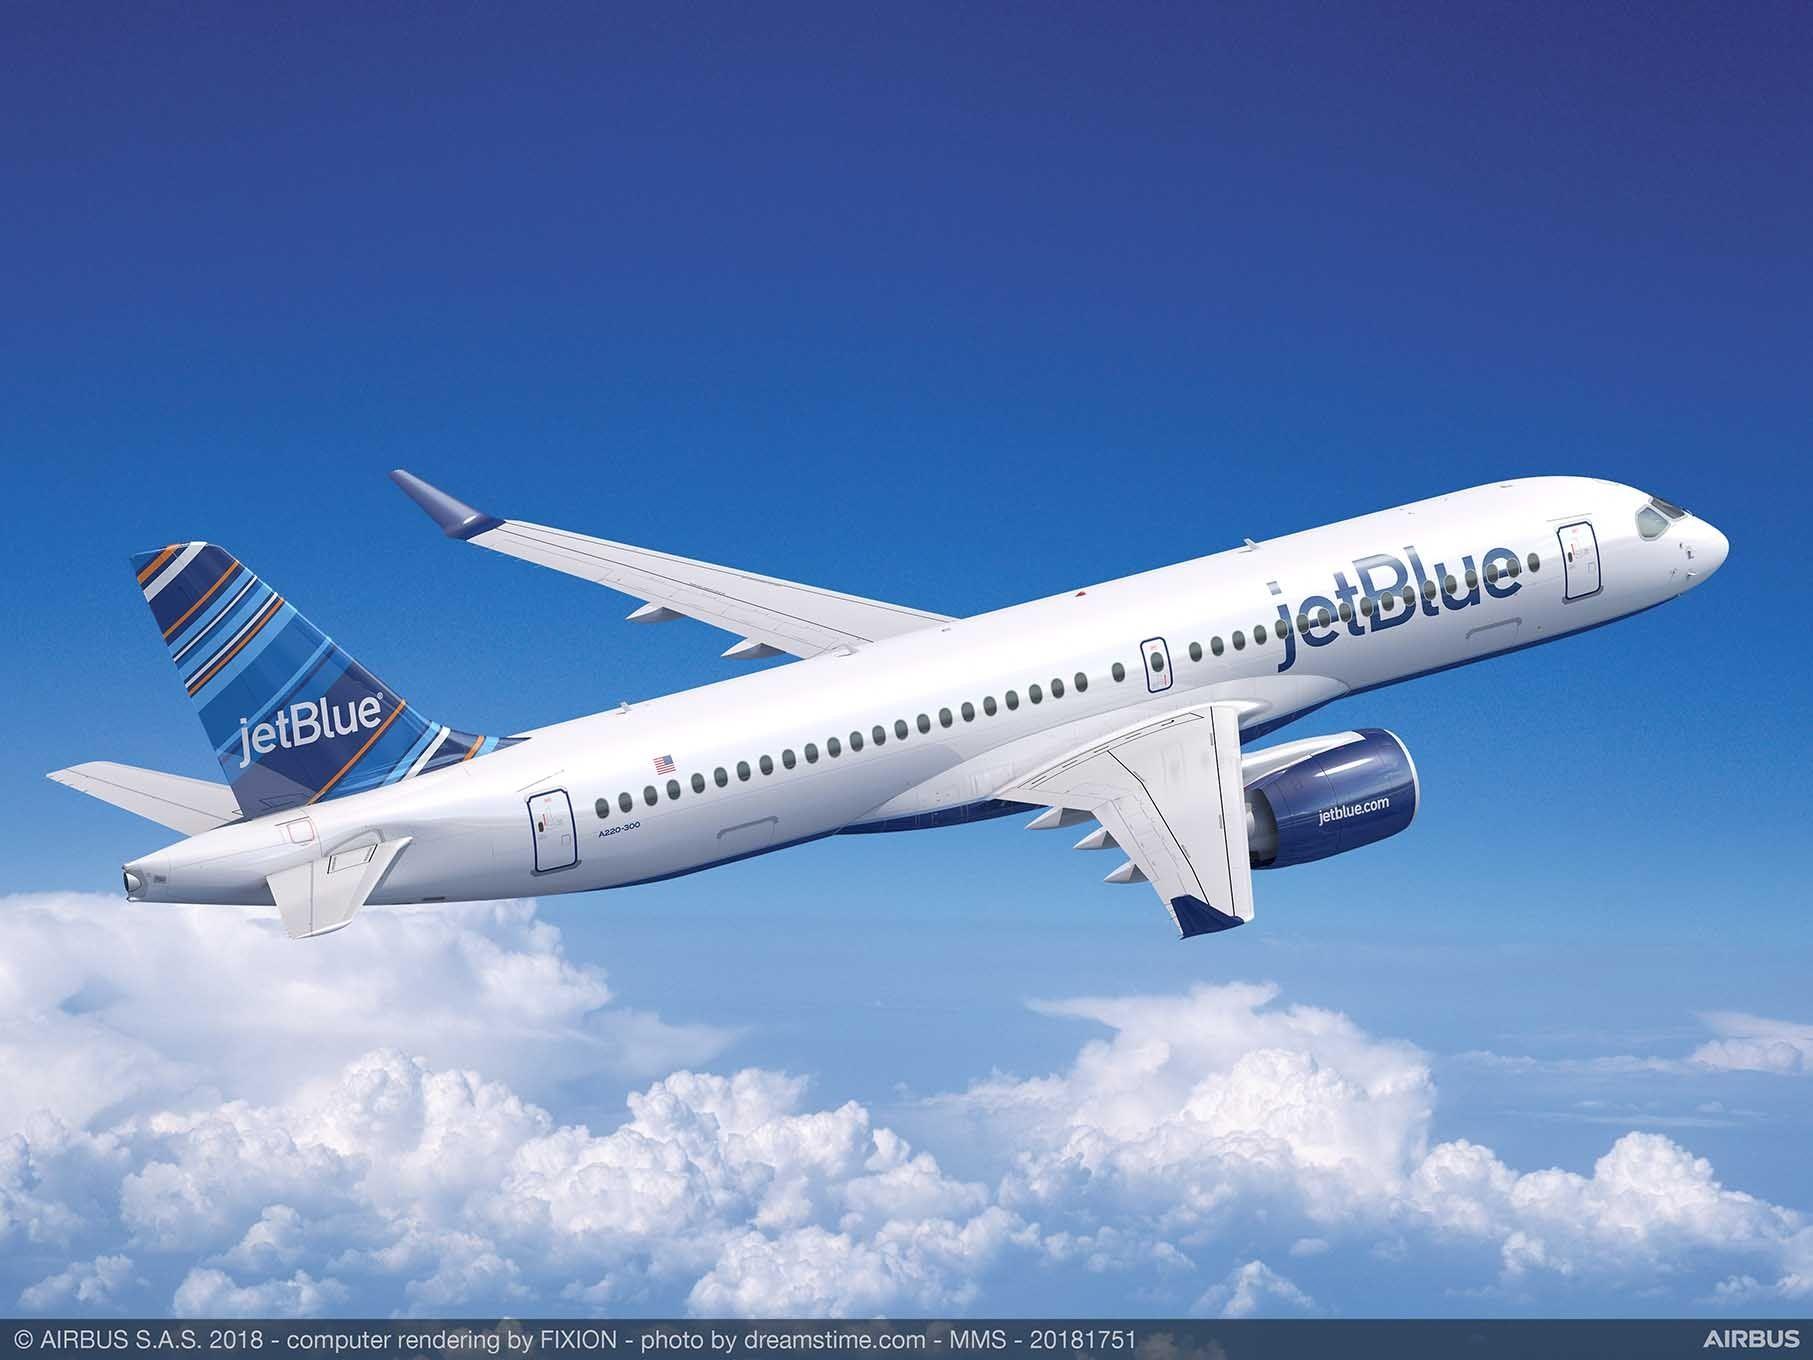 民航早报:Moxy和捷蓝各买60架空客A220飞机